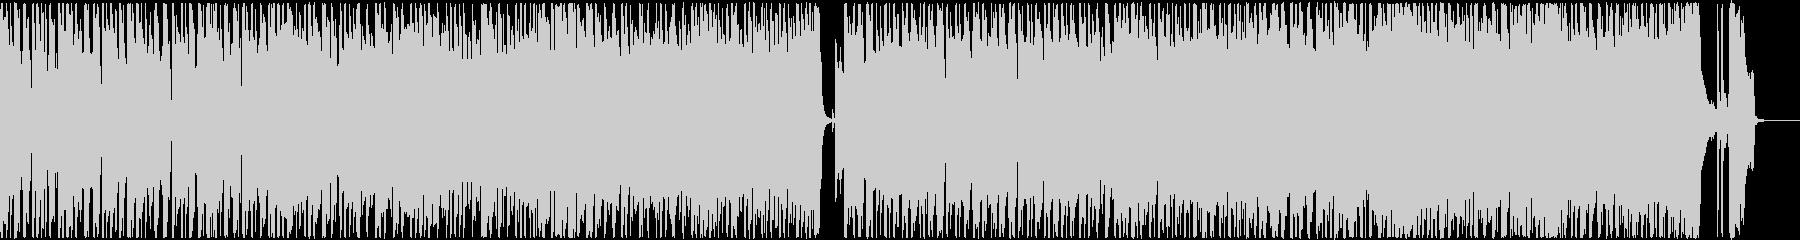 疾走感溢れるハードロック調イントロの未再生の波形